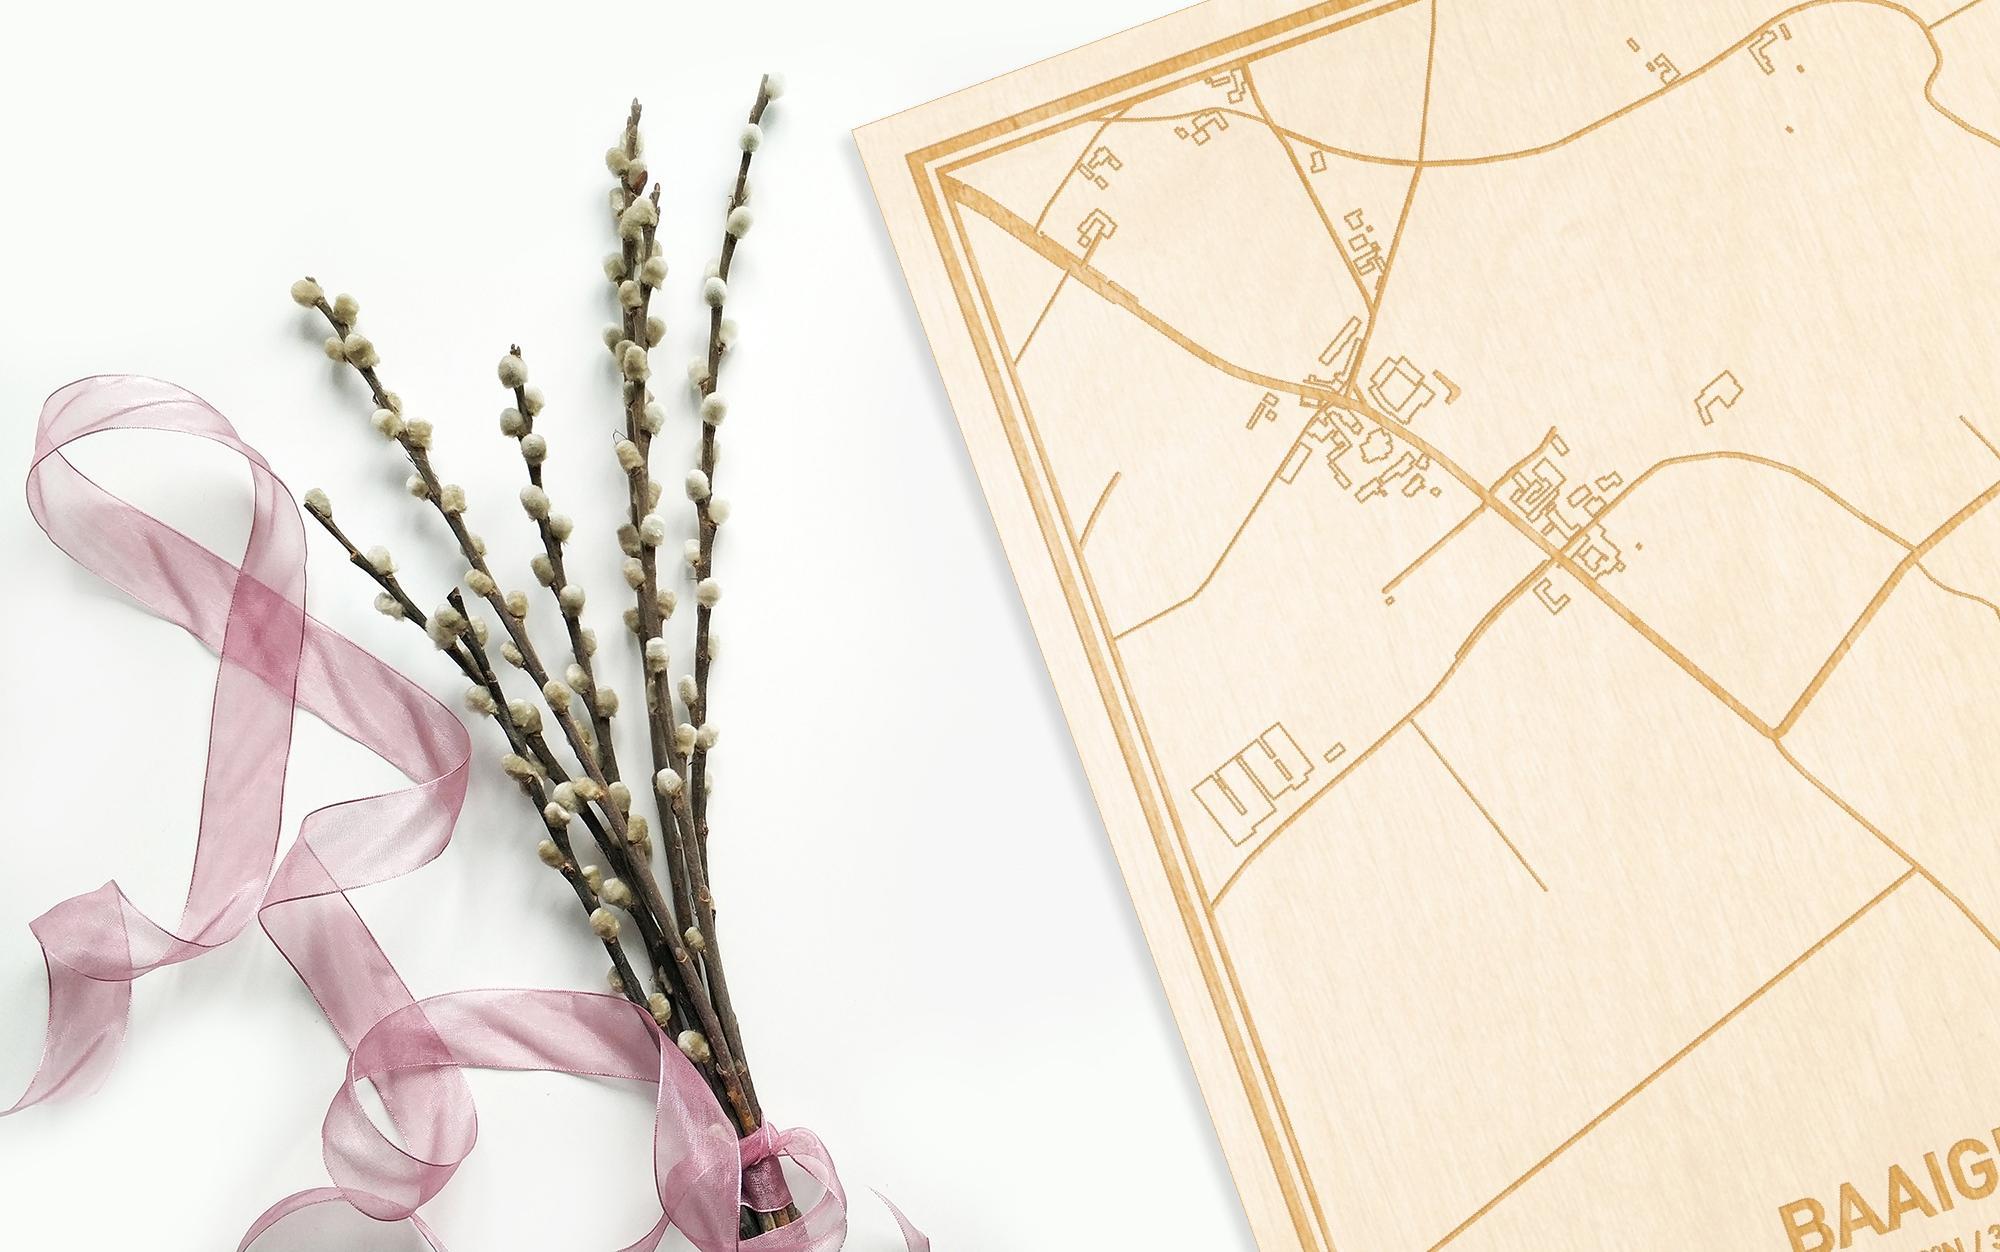 Hier ligt de houten plattegrond Baaigem naast een bloemetje als gepersonaliseerd cadeau voor haar.